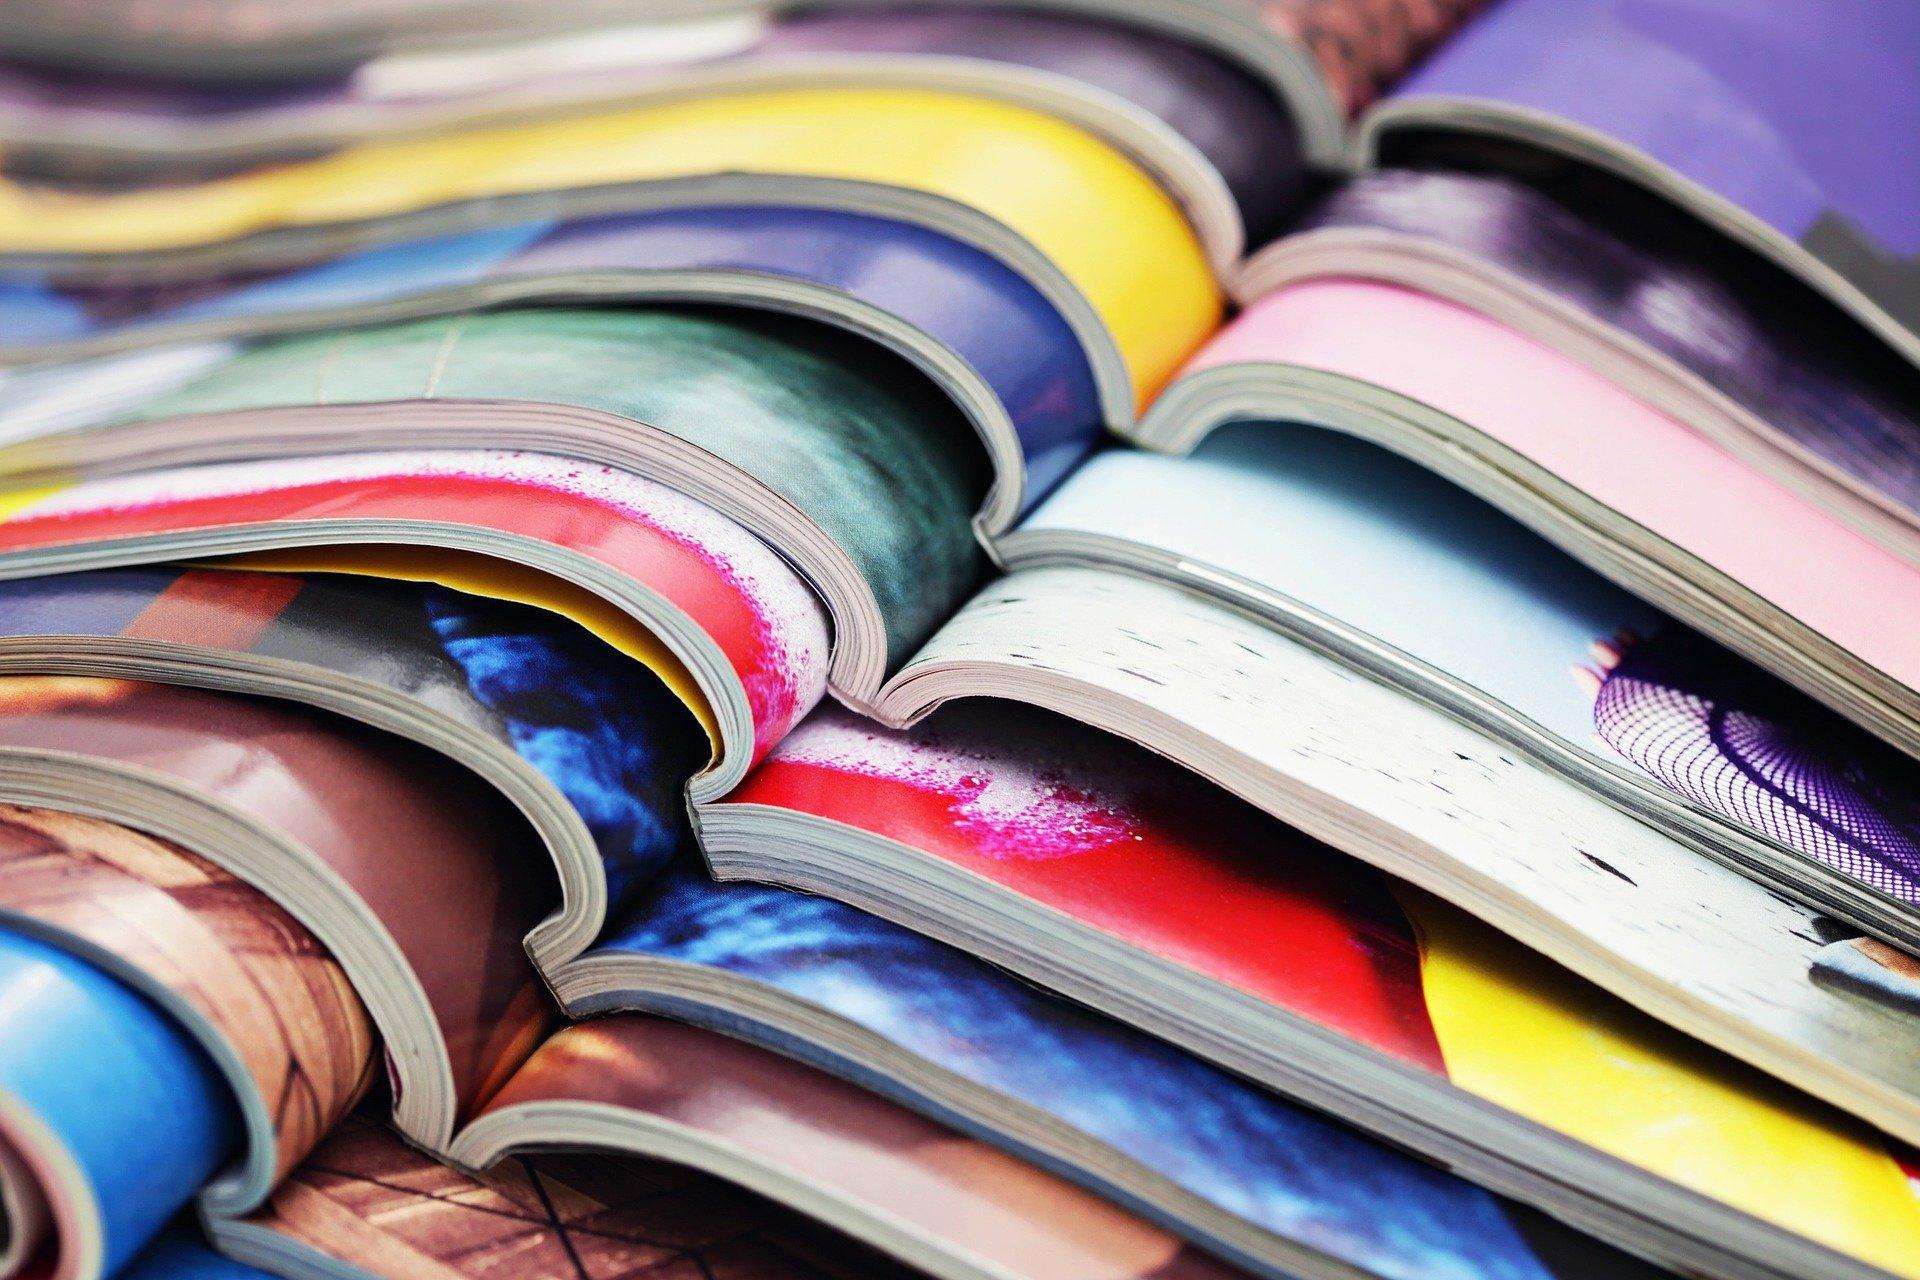 Petermann GZW, Druckerei, Print, Printmedien, Drucksachen, Grafikdesign, Grafisches Zentrum Wetterau